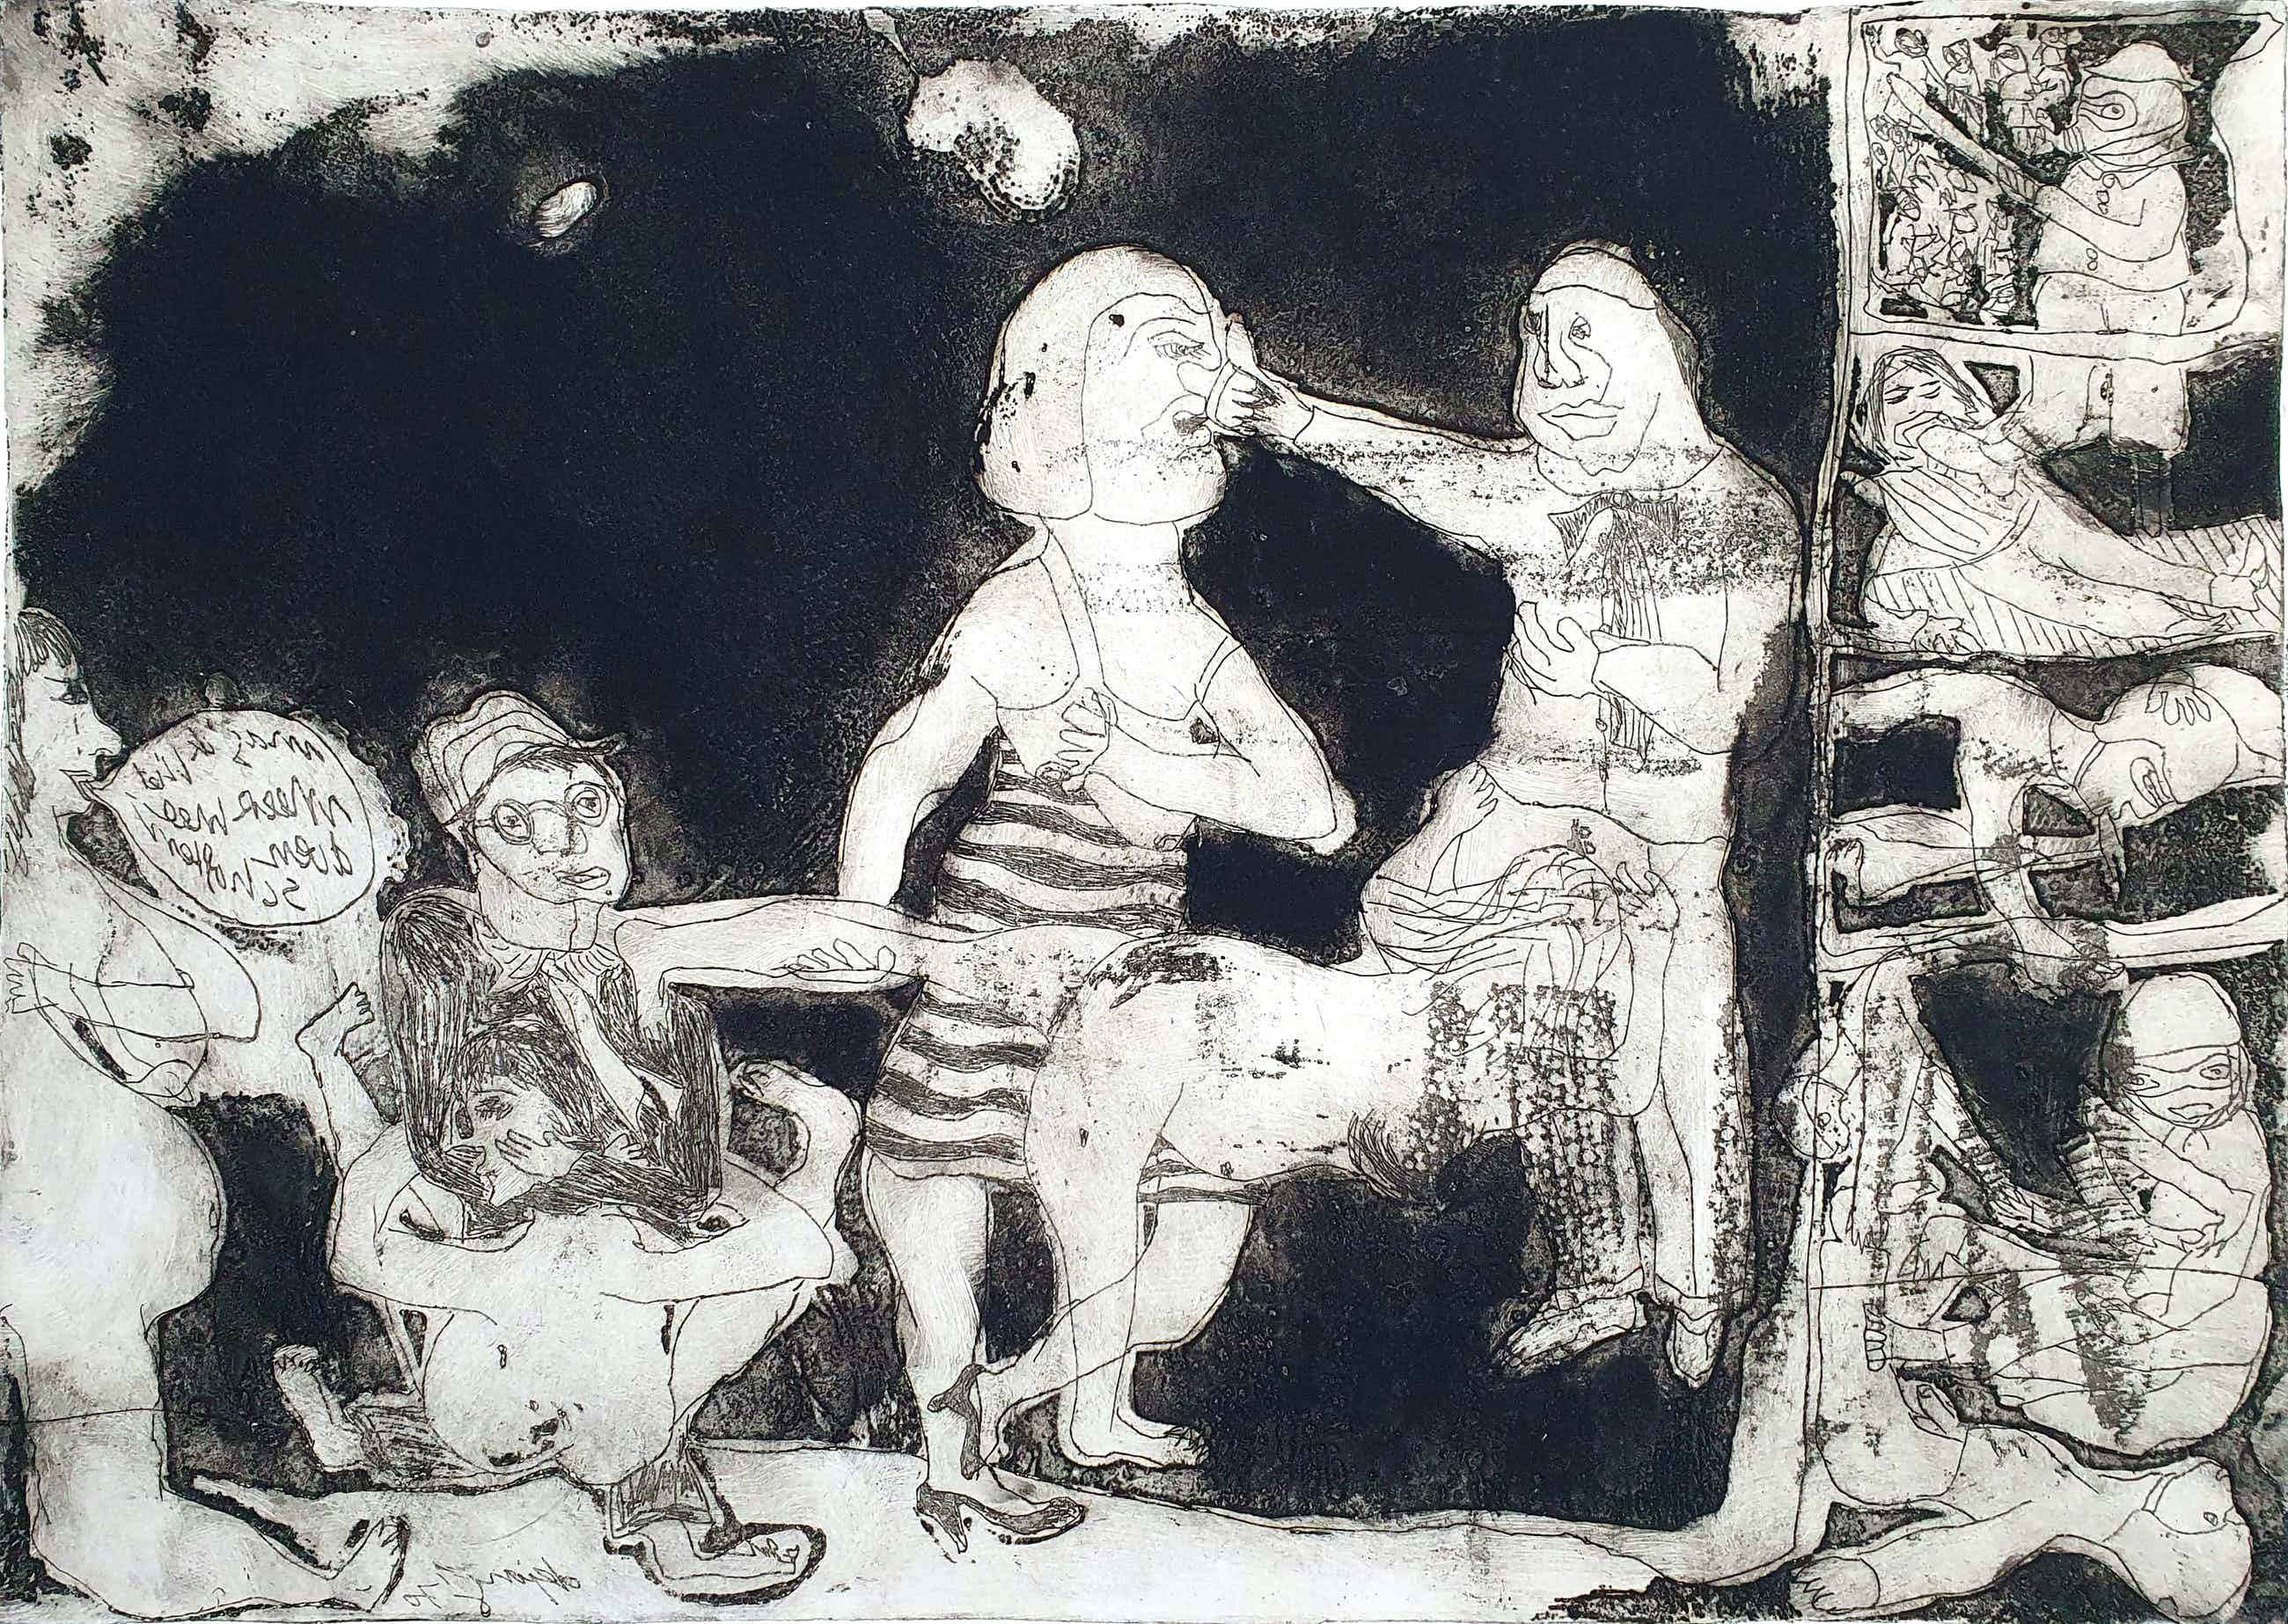 Jacqueline de Jong - Ets: 'Compositie met figuren' kopen? Bied vanaf 50!